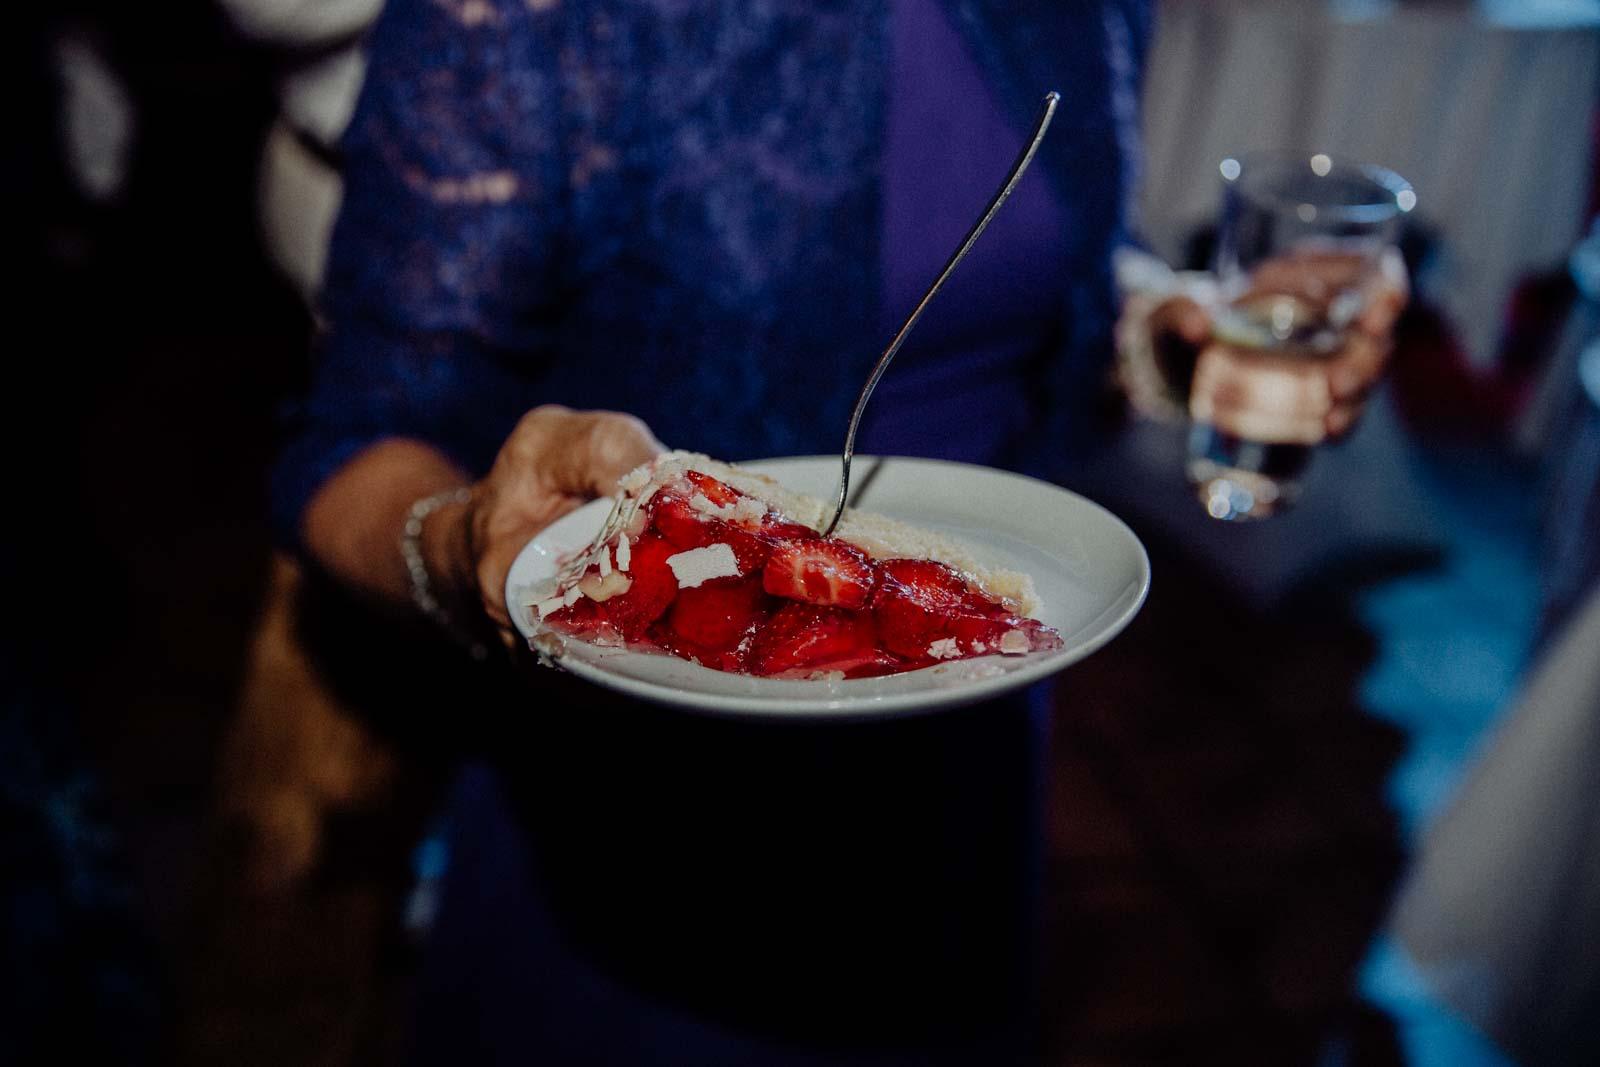 Erdbeerkuchen als Hochzeitstorte